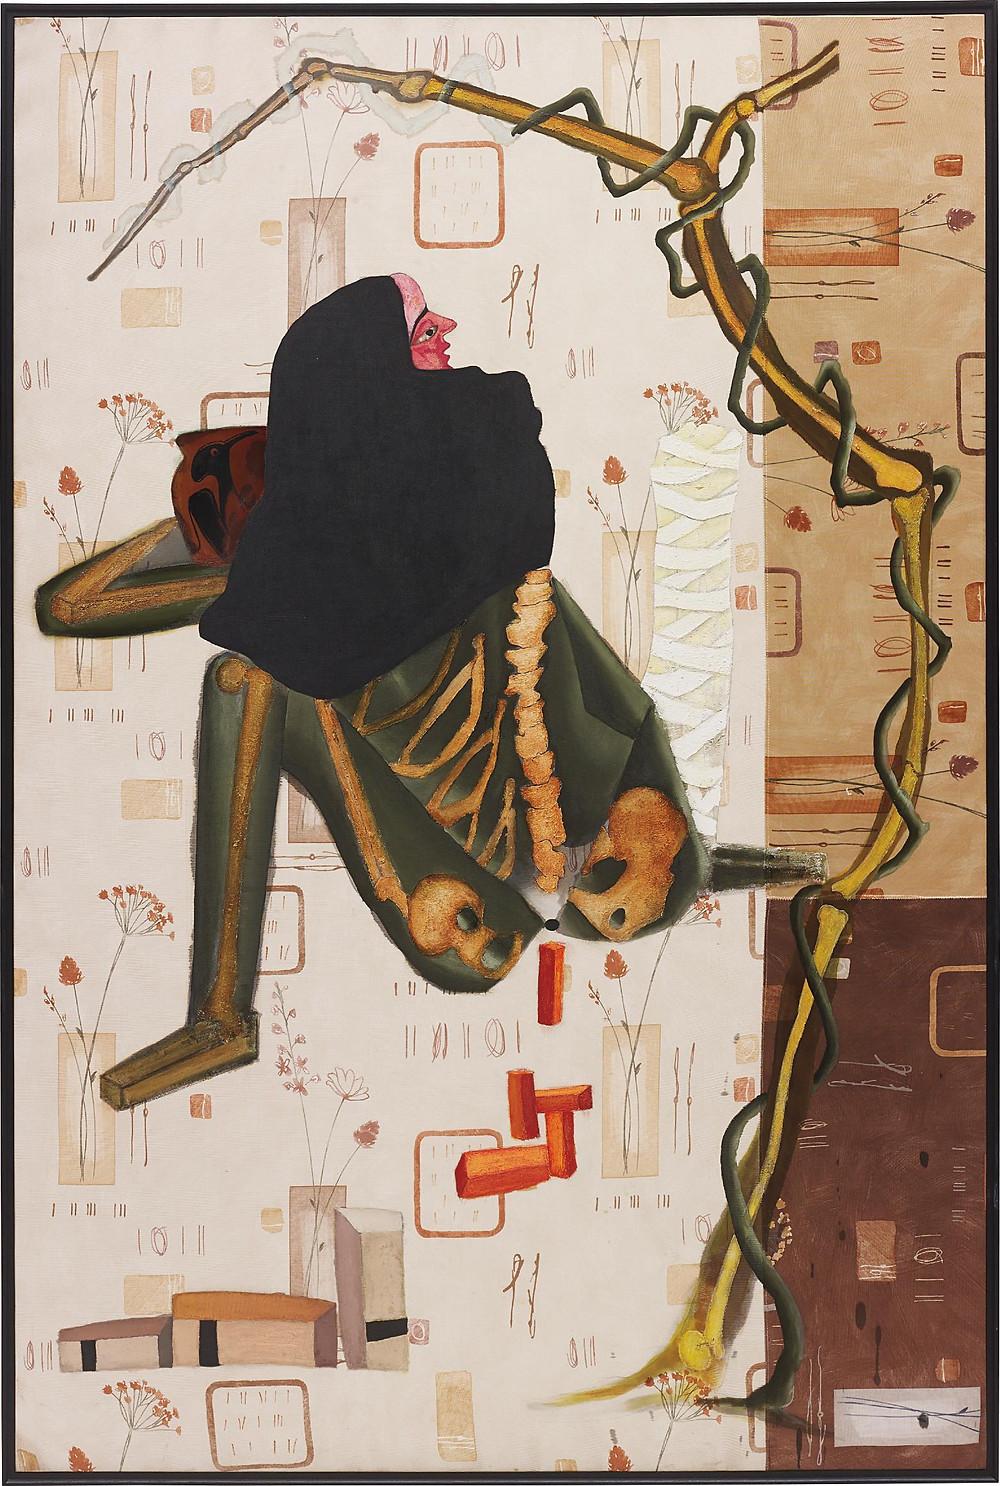 Atul Dodiya, 'Woman From Kabul', 2001